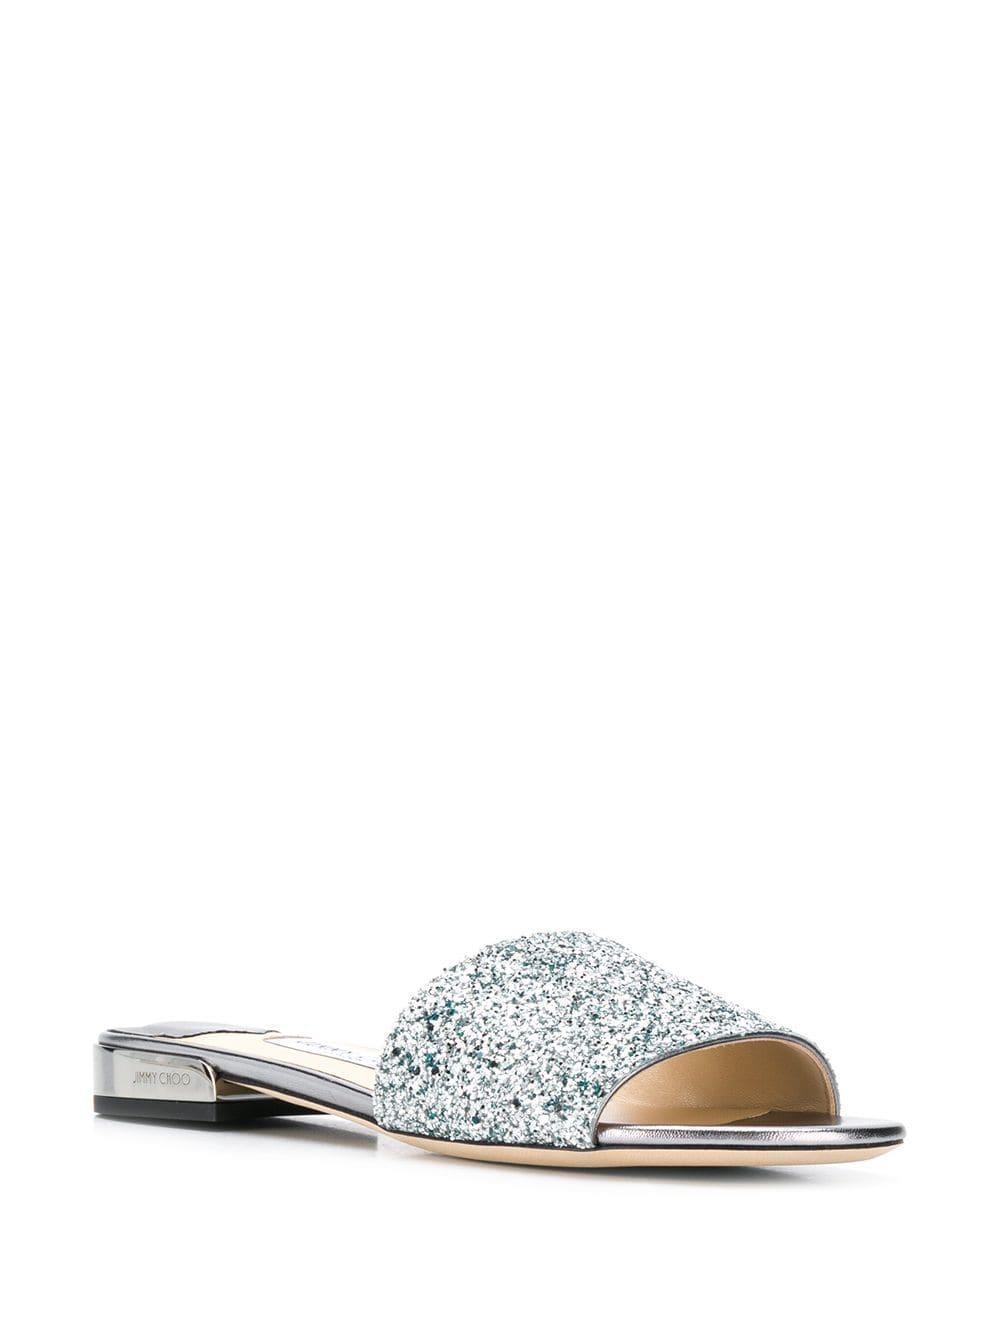 a3cbc8b181c6 Jimmy Choo Joni Flat Sandals in Metallic - Lyst